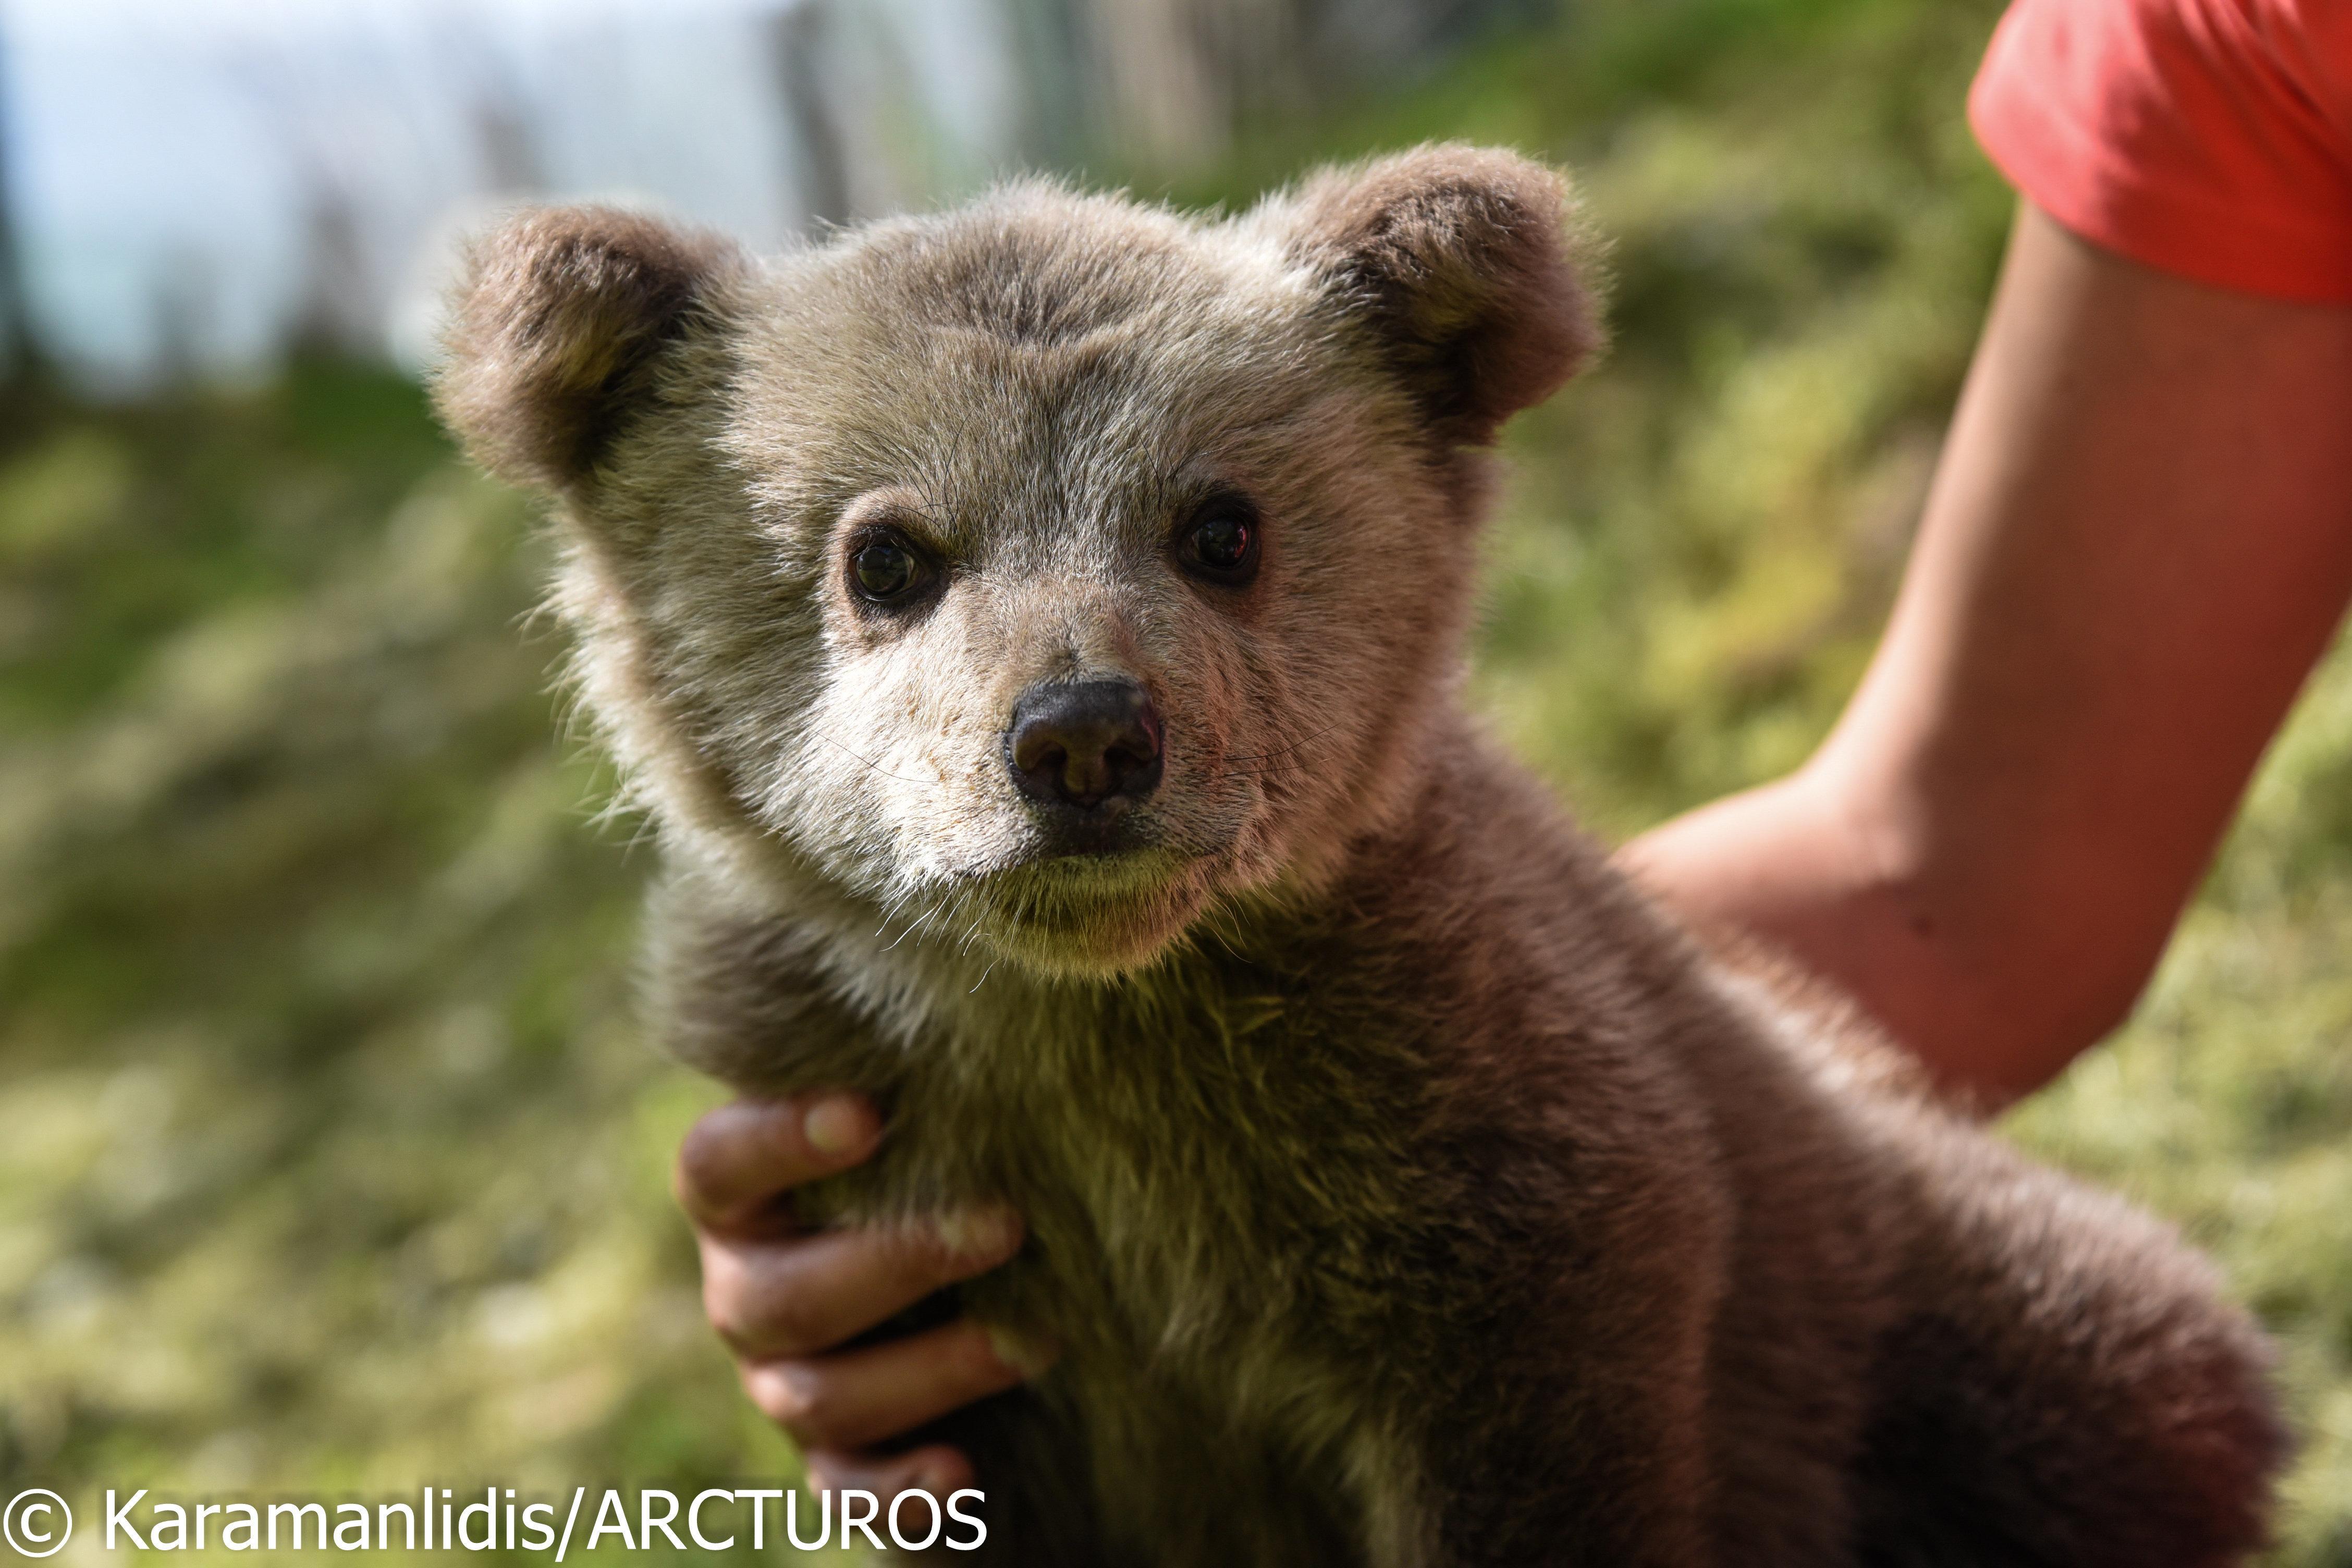 Ο Αρκτούρος θα φροντίσει τον Λουίτζι, το ορφανό αρκουδάκι που σώθηκε πριν από λίγες